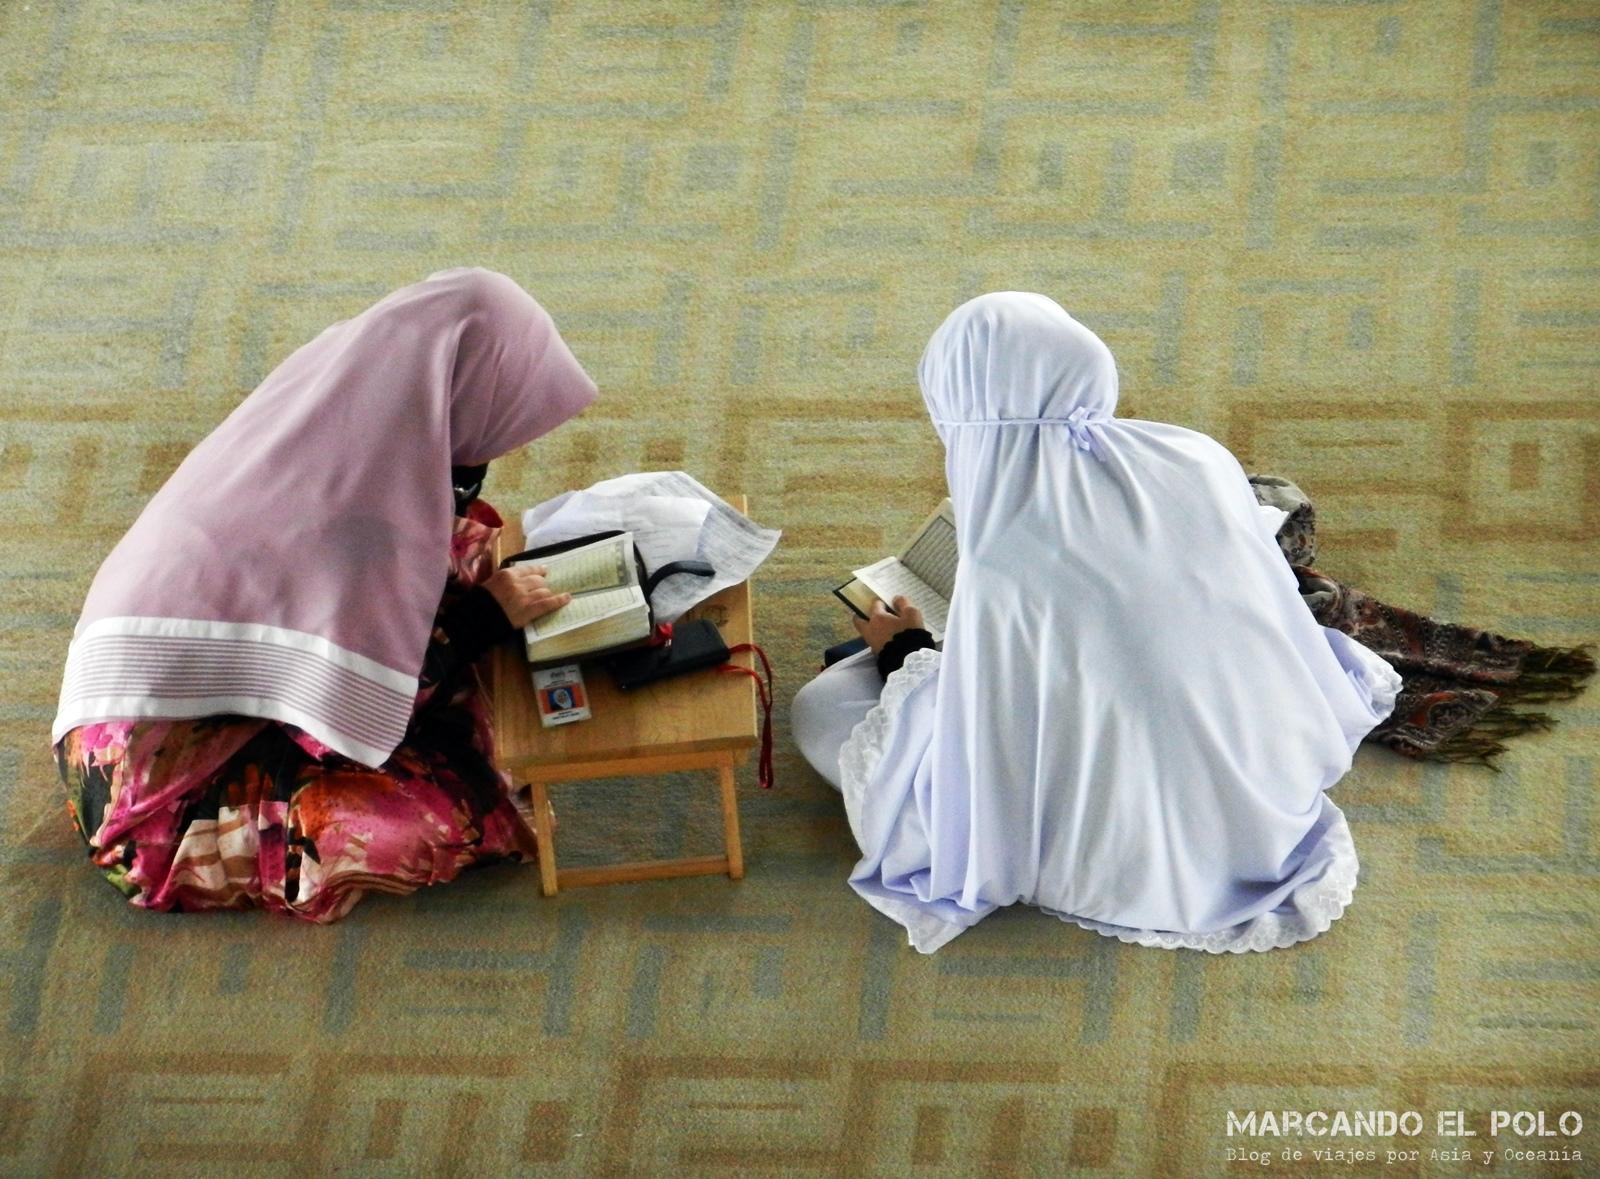 Mujeres Musulmanas Desnudas detrás del hiyab: lo que opinan las mujeres musulmanas sobre